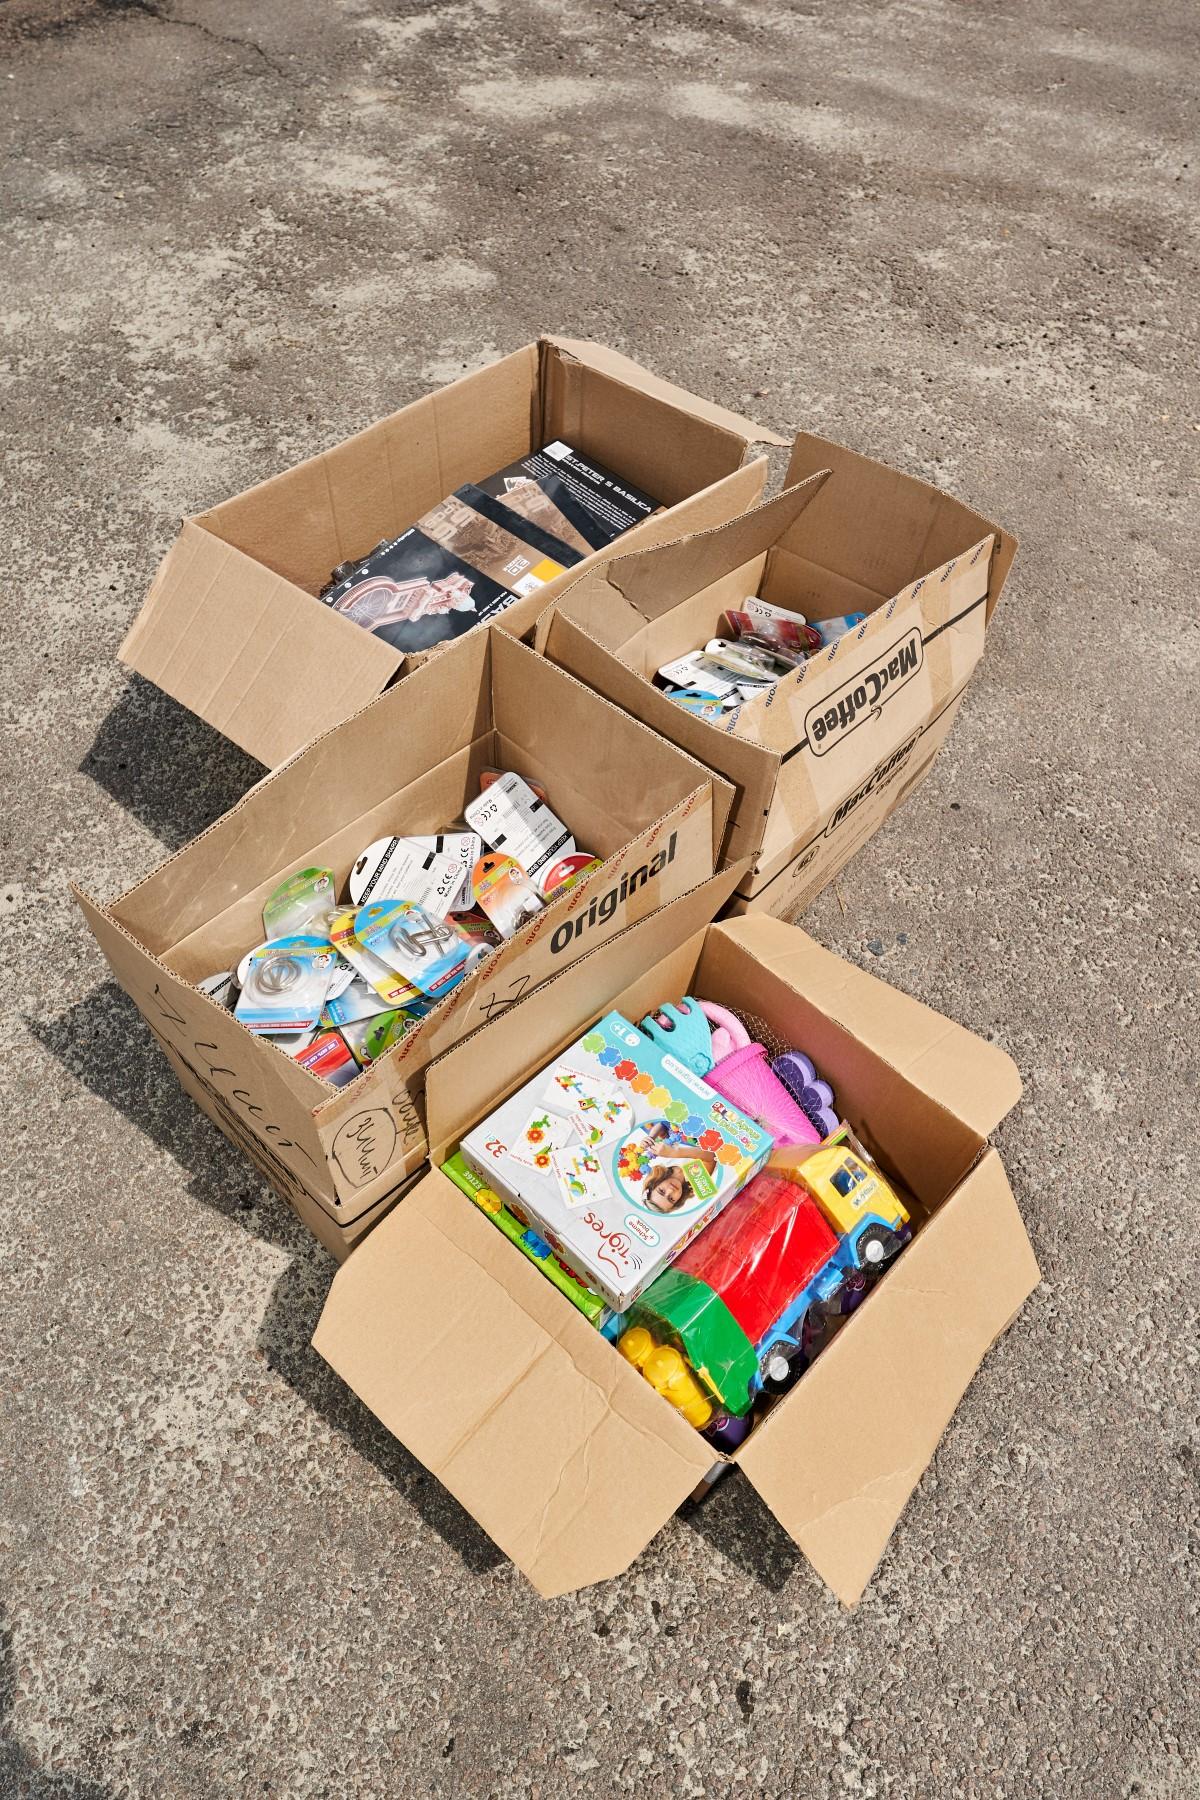 В честь 20-річчя WOG роздав понад 12 тисяч іграшок